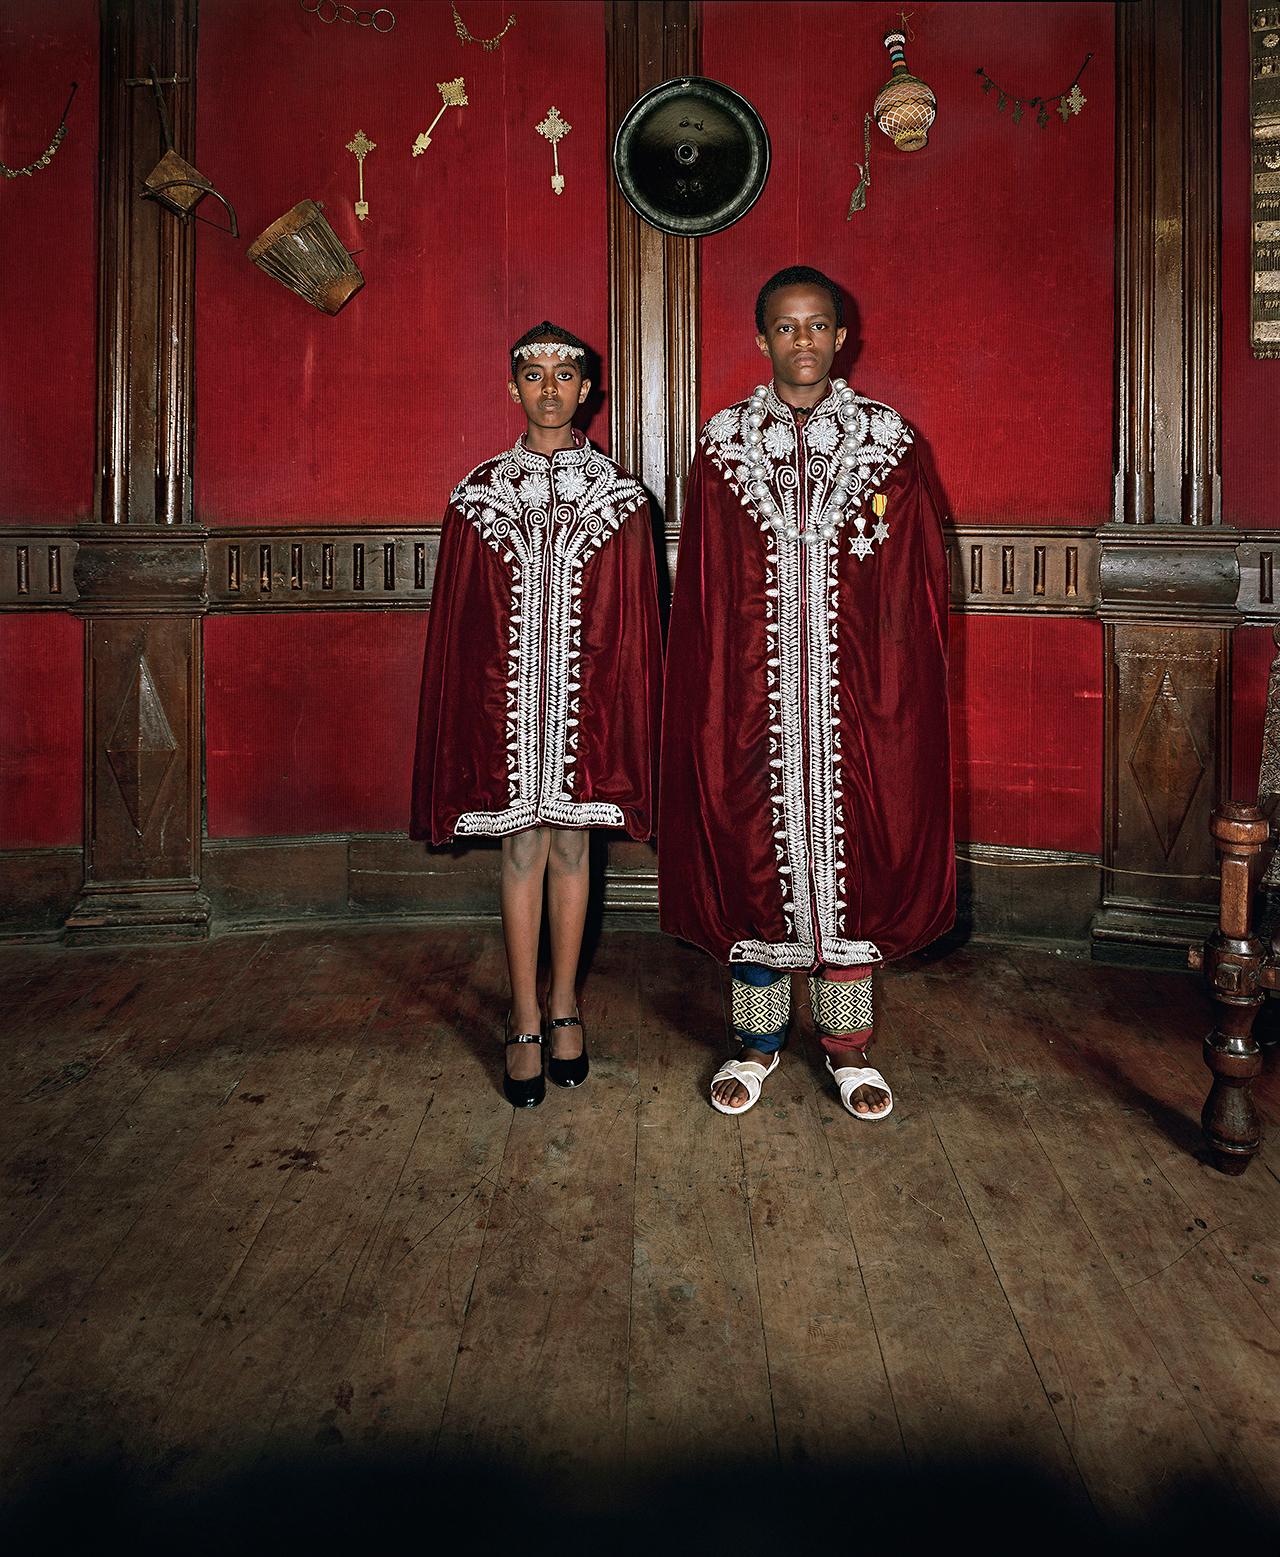 """Deana Lawson, """"Kingdom Come, Addis Ababa, Ethiopia"""" (2014) (© Deana Lawson, courtesy Rhona Hoffman Gallery, Chicago)"""